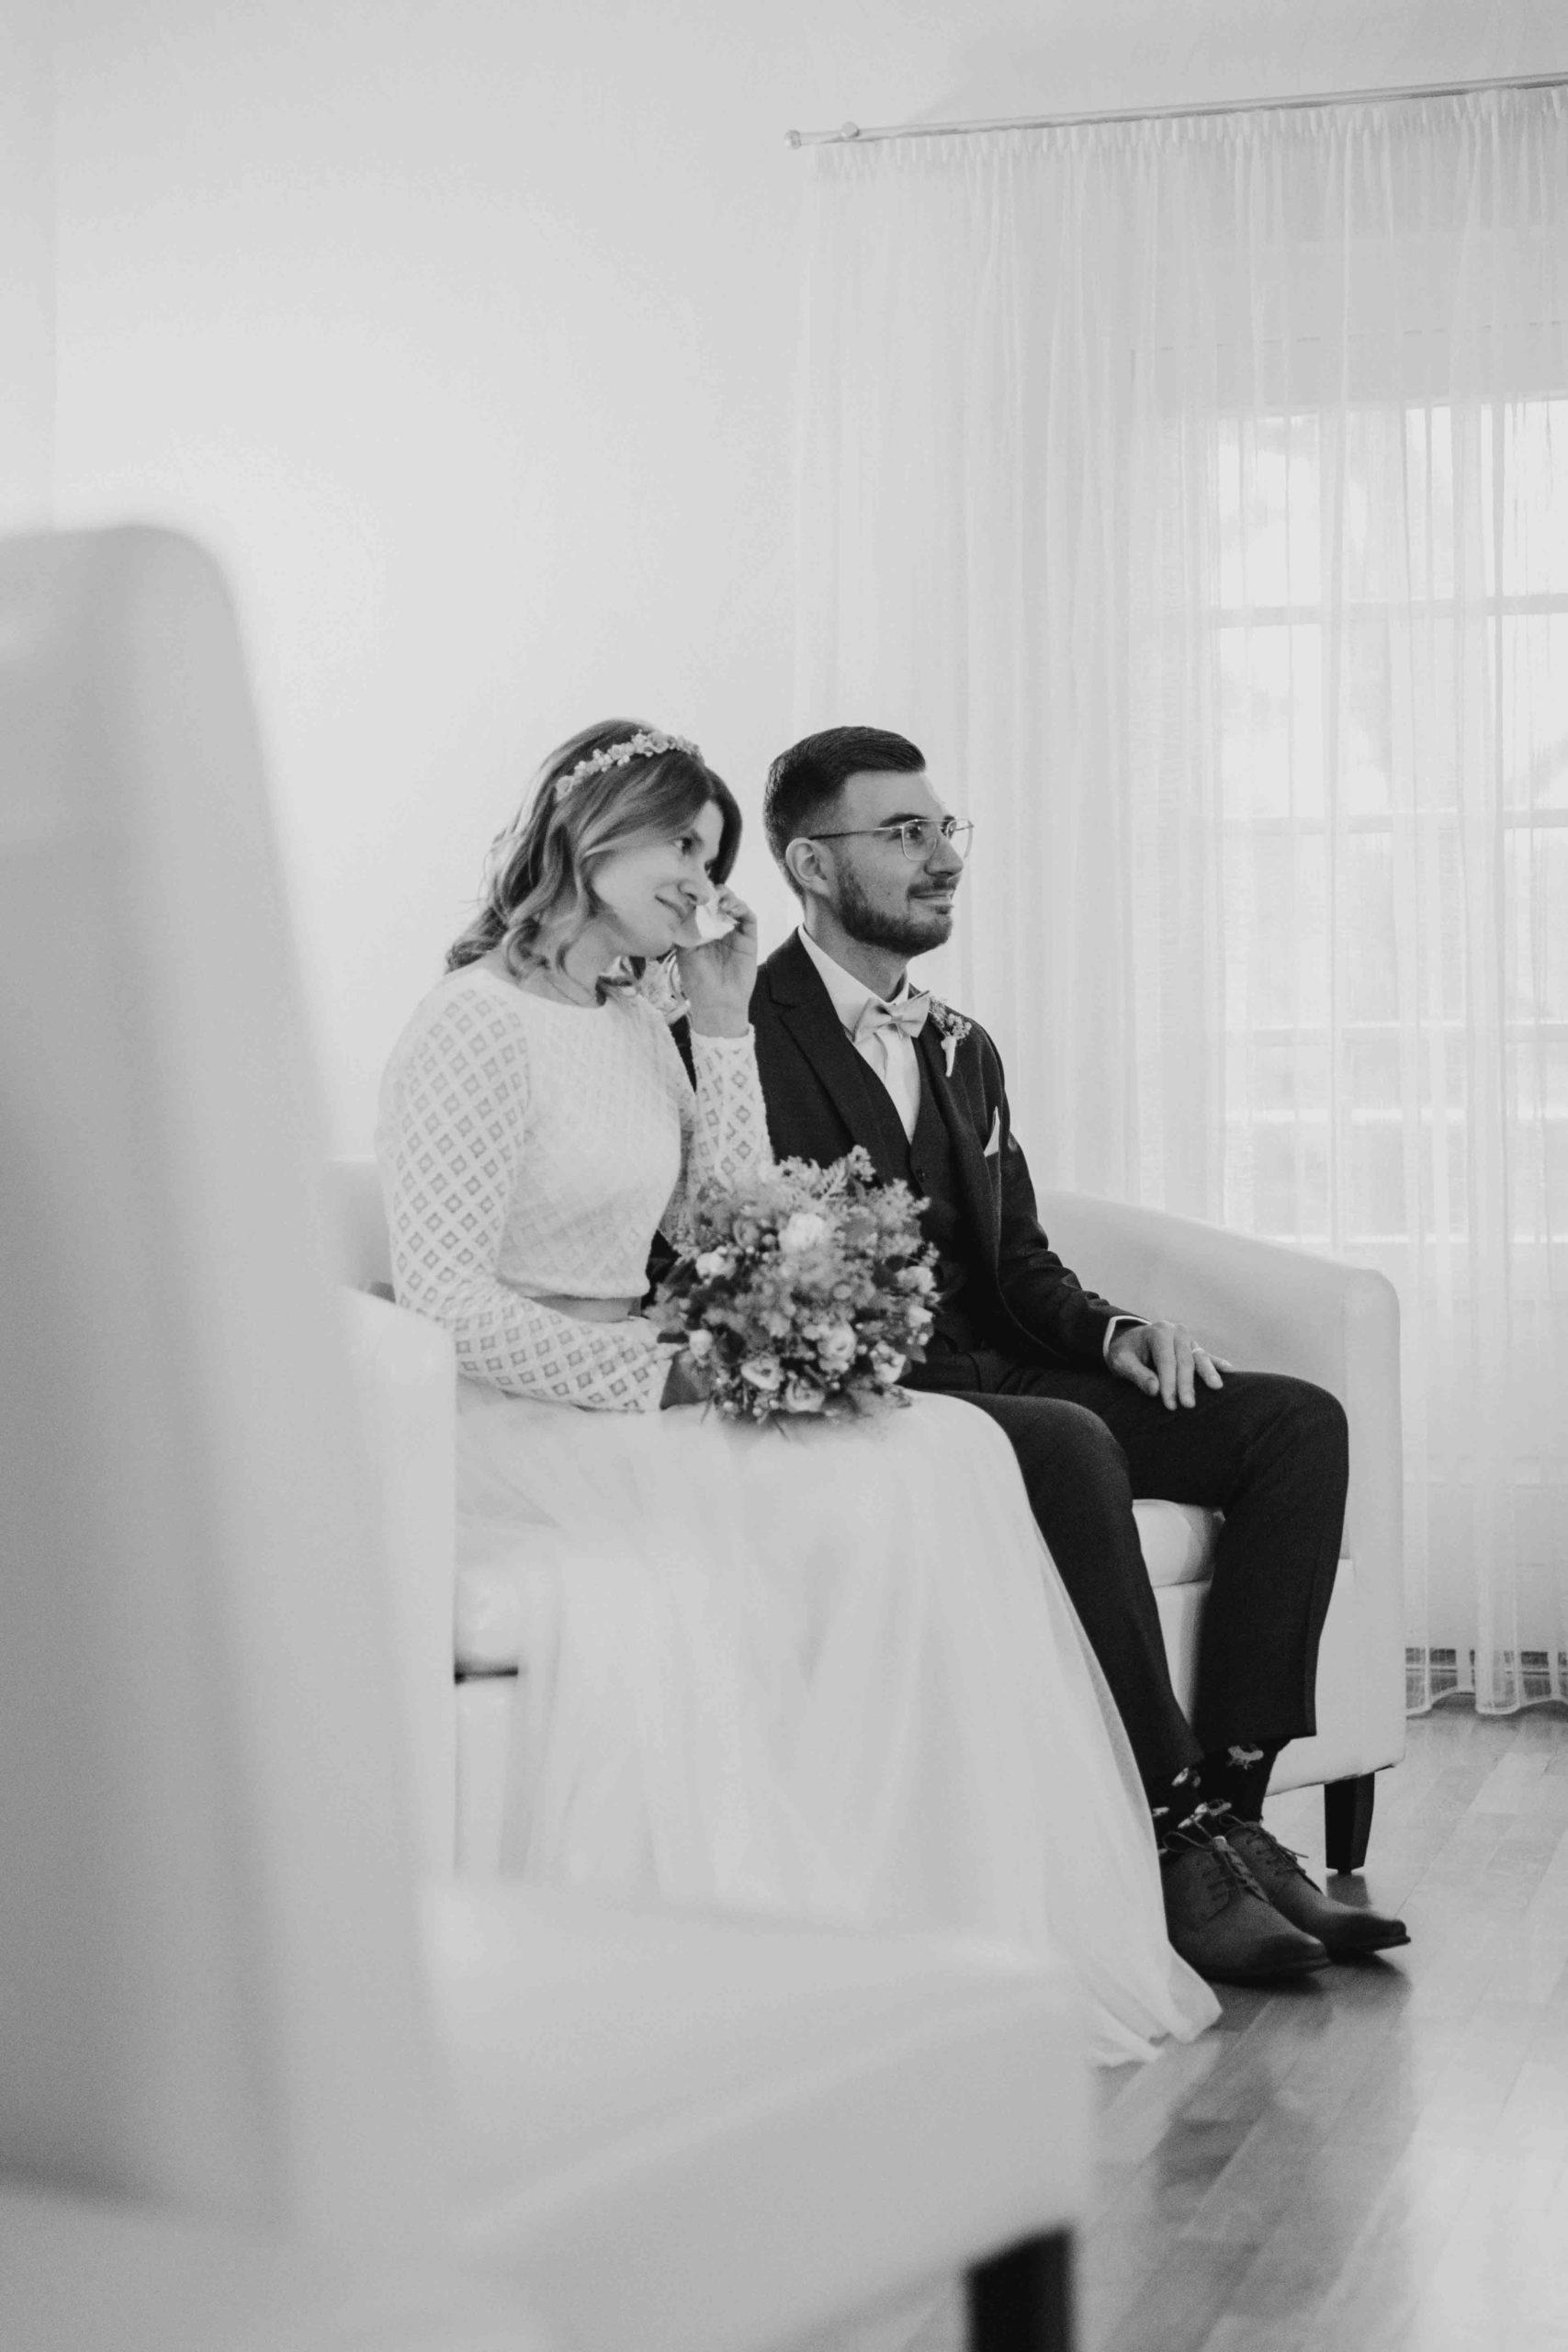 noni Brautmode, Hochzeitsshooting mit Brautpaar im Standesamt auf Stühlen sitzend, schwarz weiss